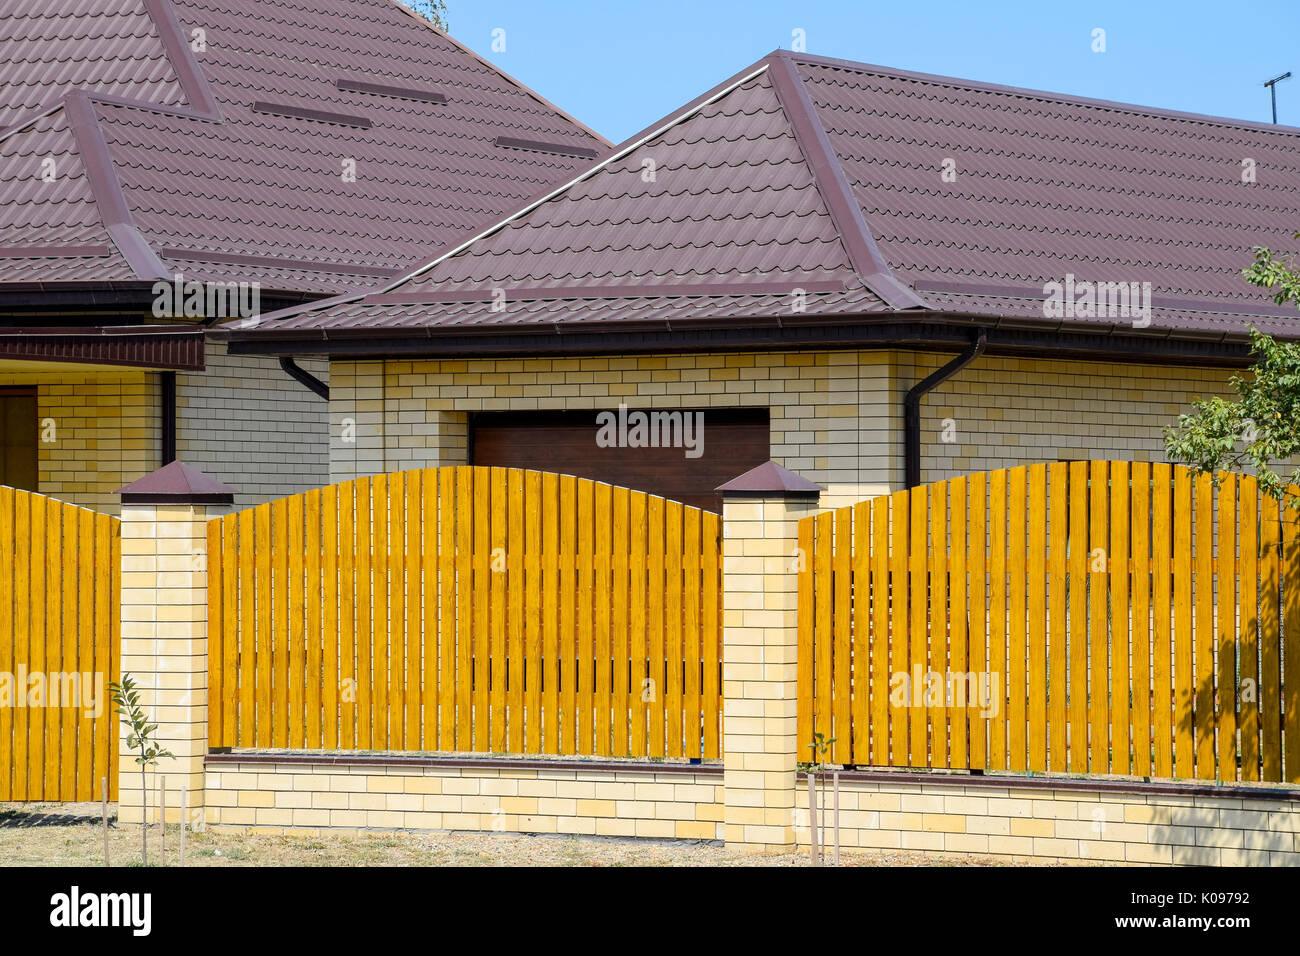 Case Di Legno E Mattoni : Casa di mattoni con metallo ondulato profilo tetto e recinzione di